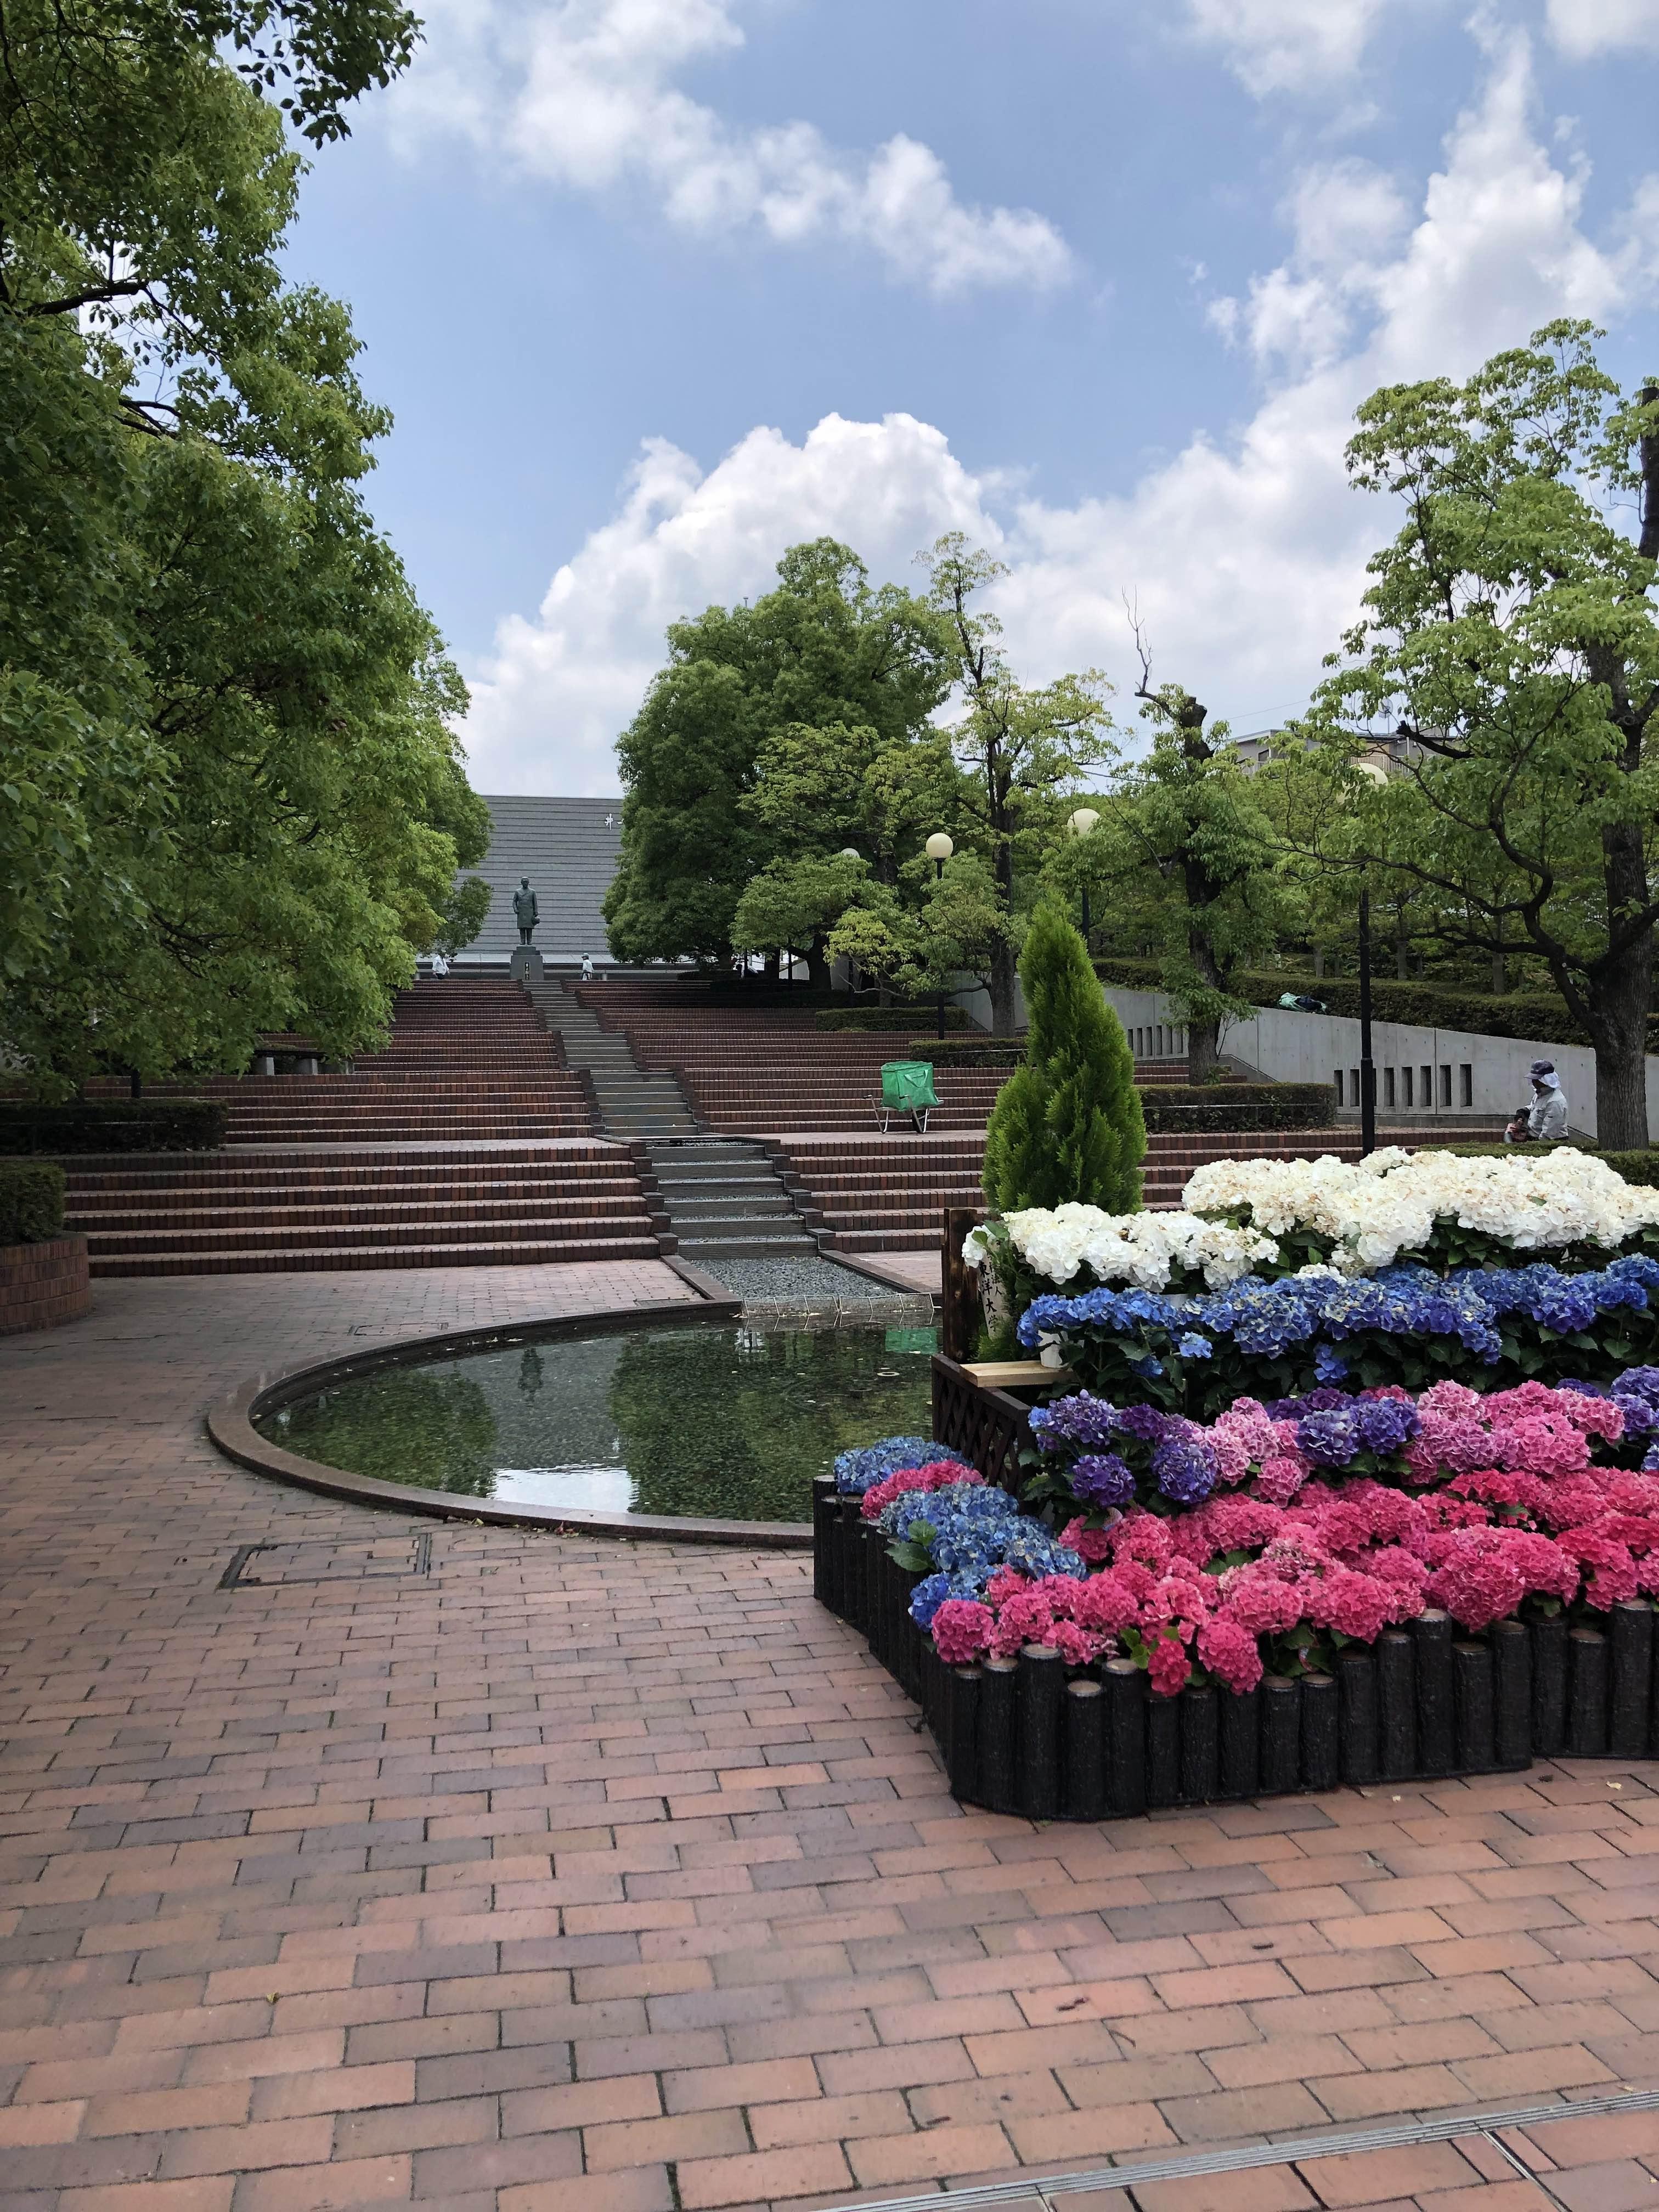 Toyo University - campus photo 4